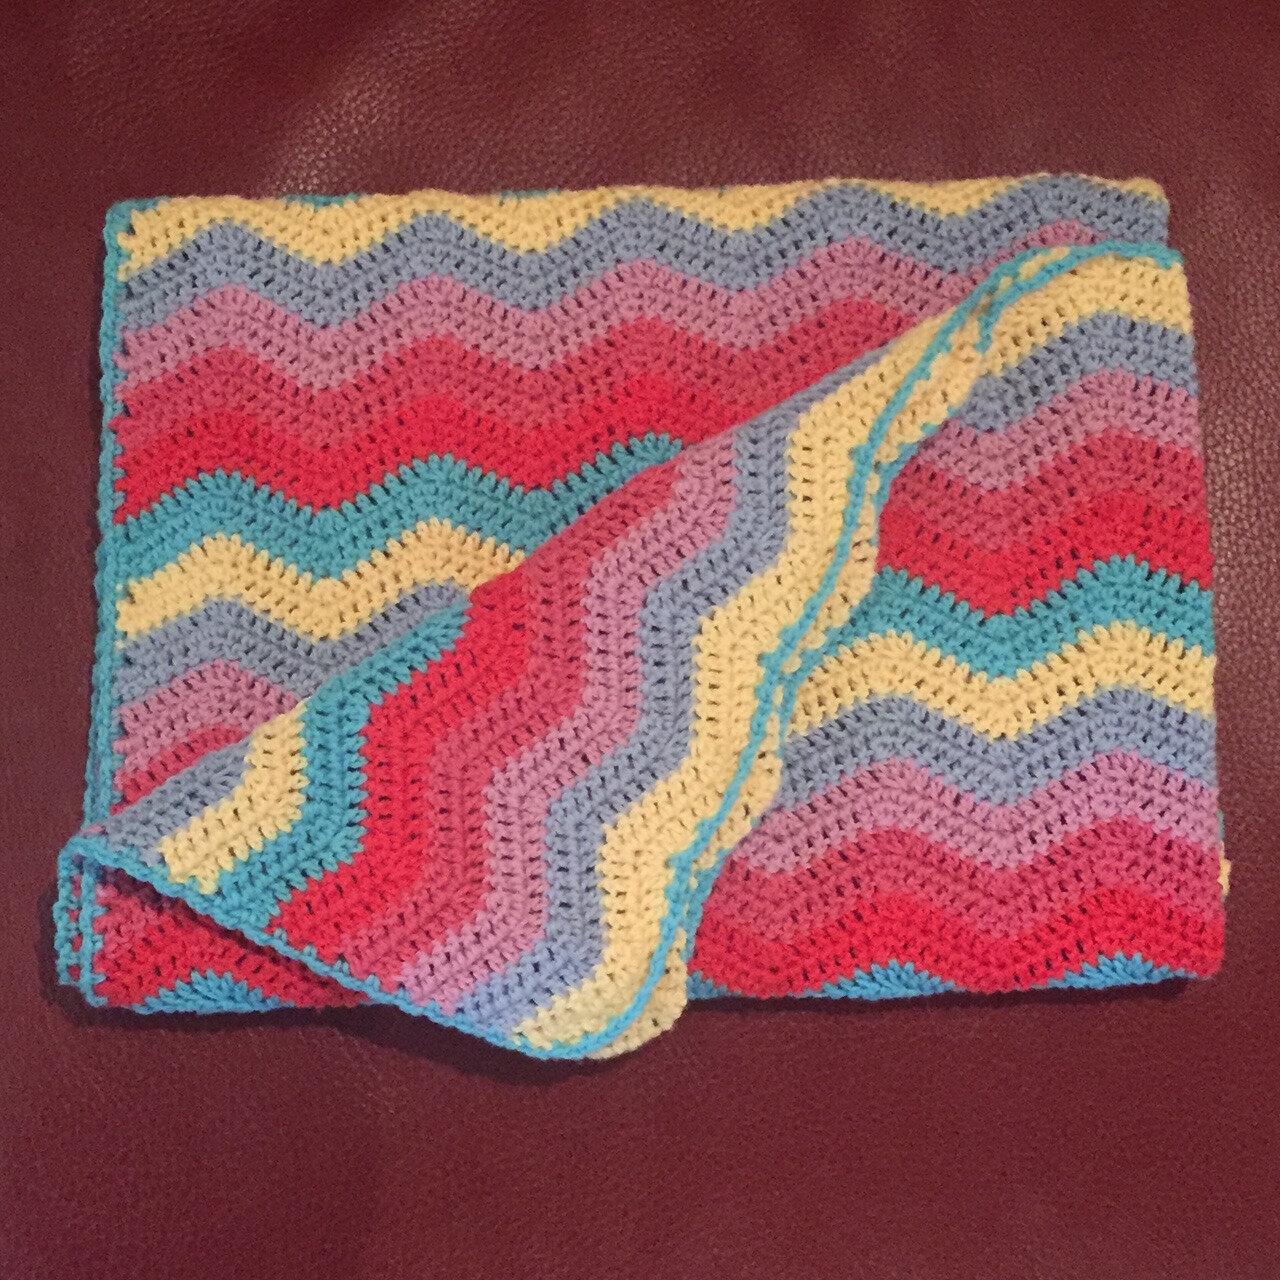 Une couverture crochetée multicolore